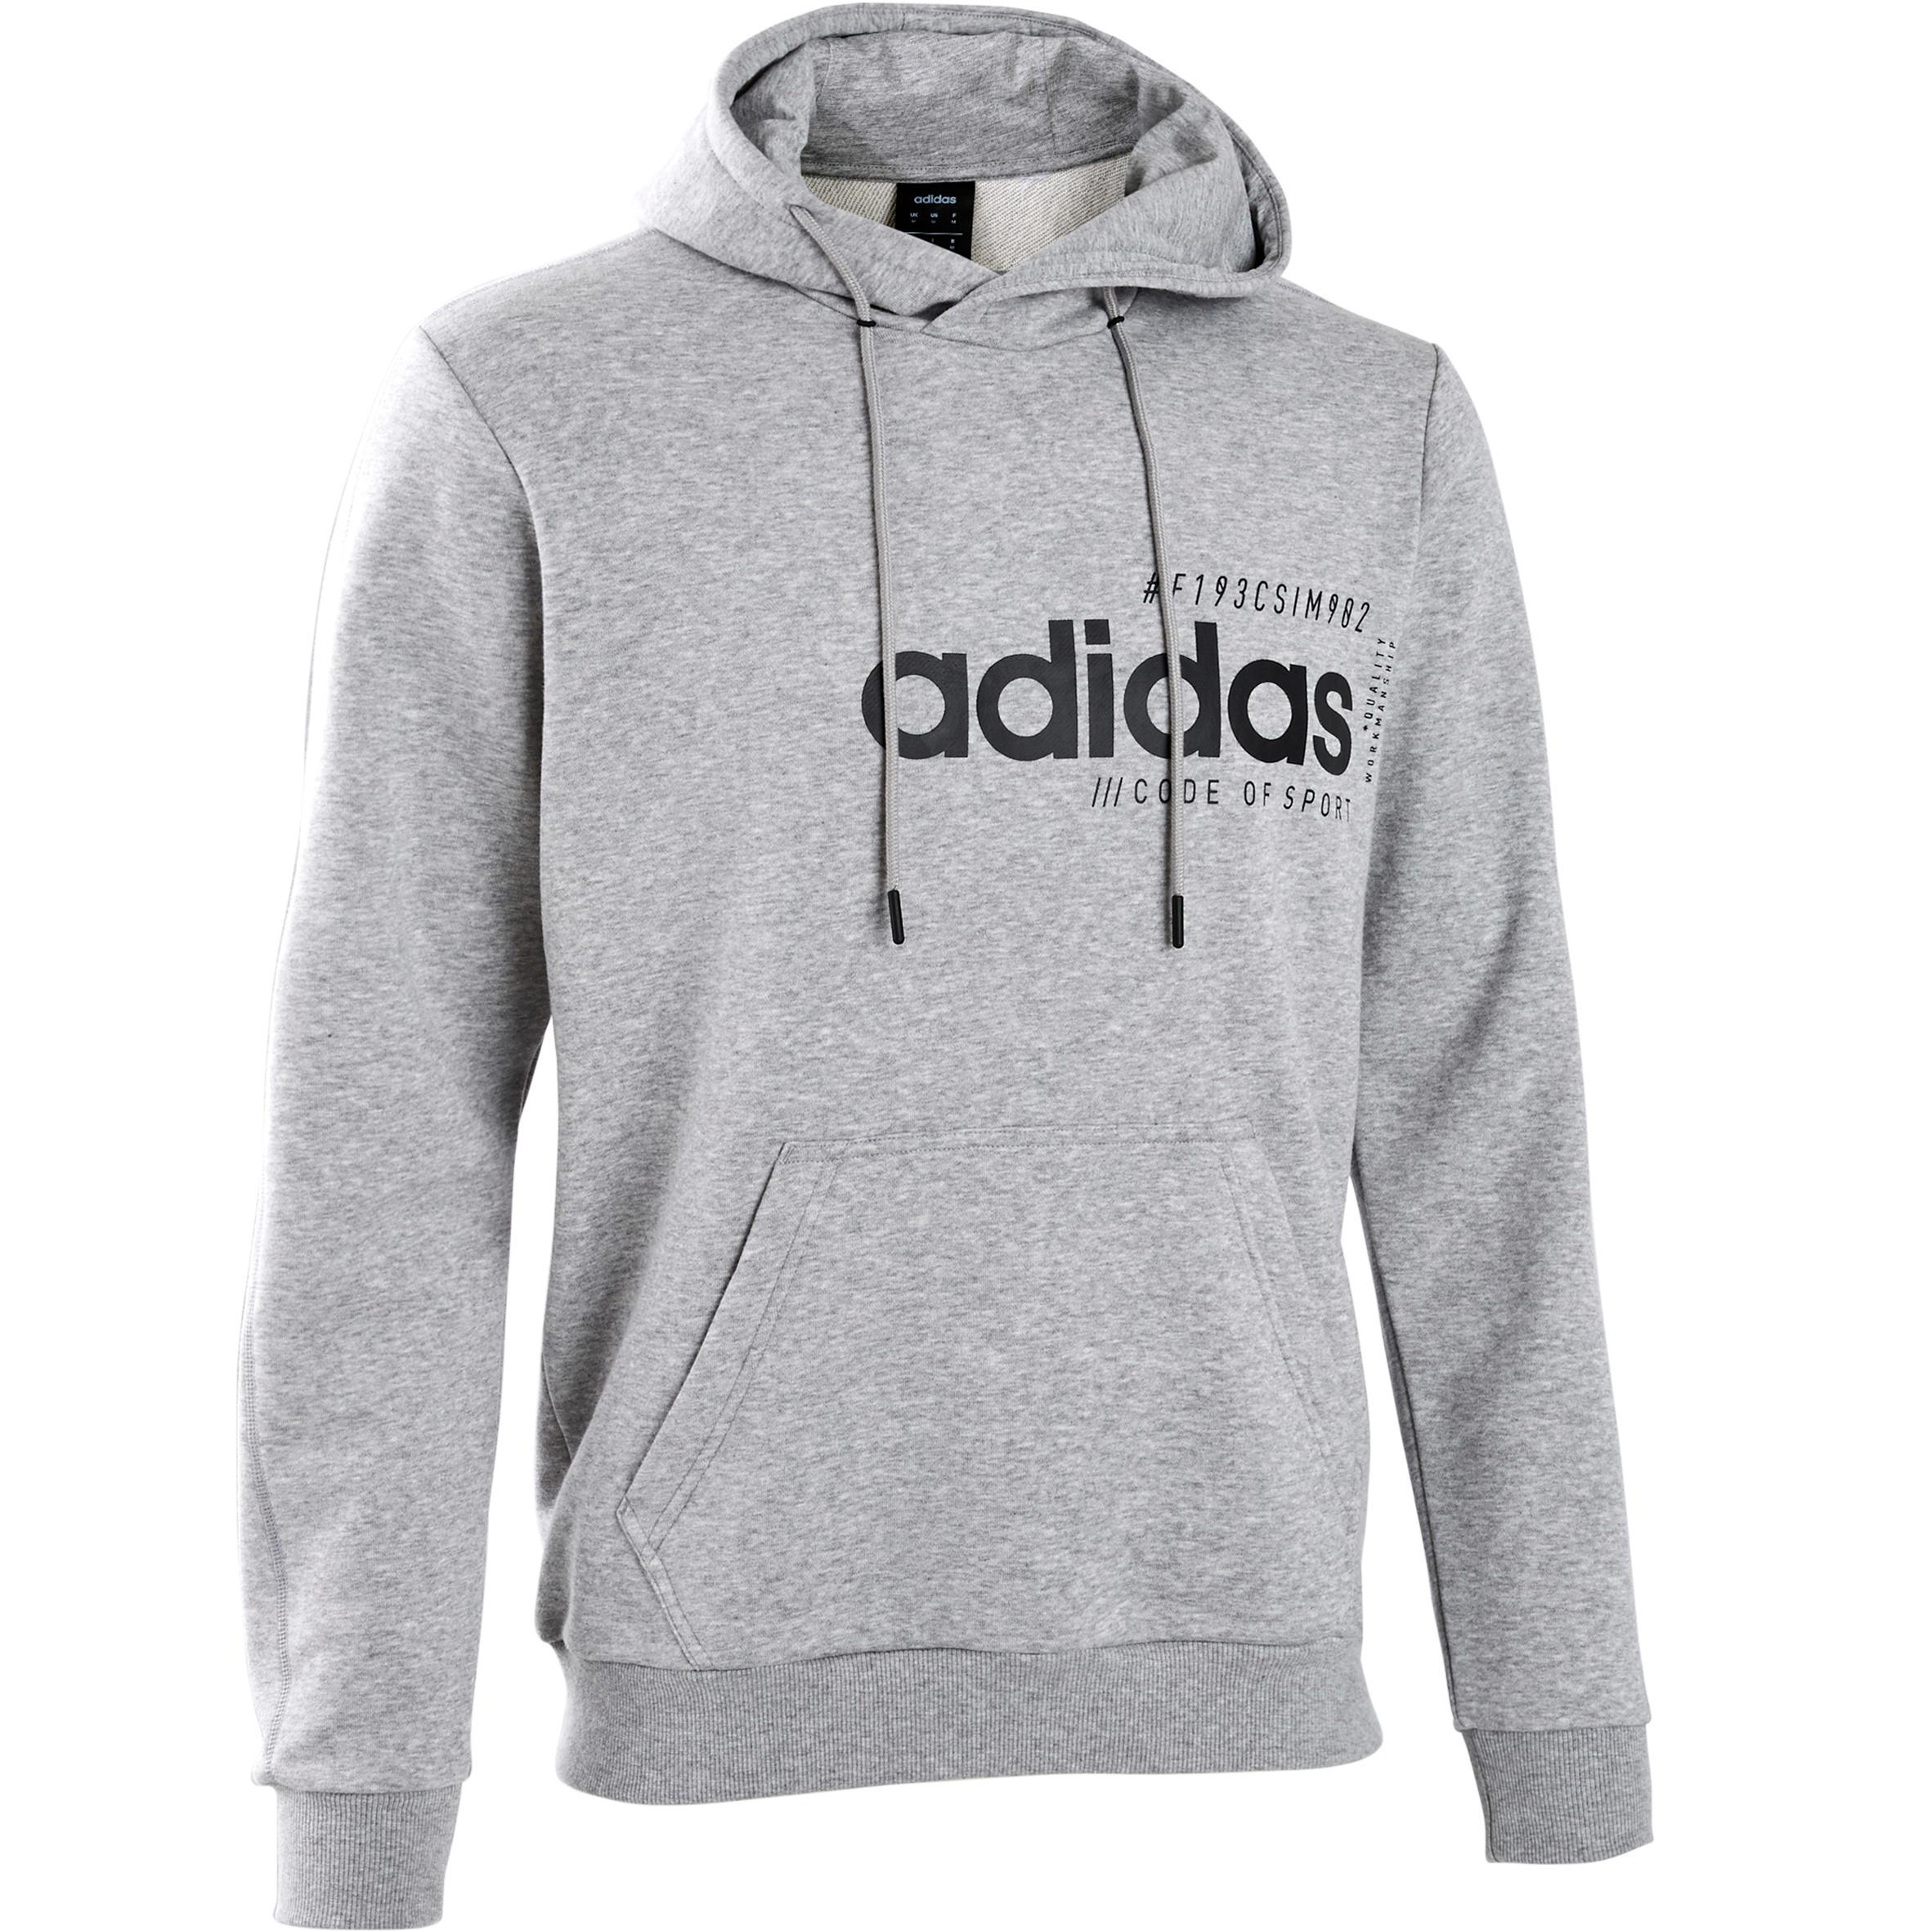 más de moda elige mejor auténtico Jerseys y Sudaderas Deportivas de Hombre Online | Decathlon